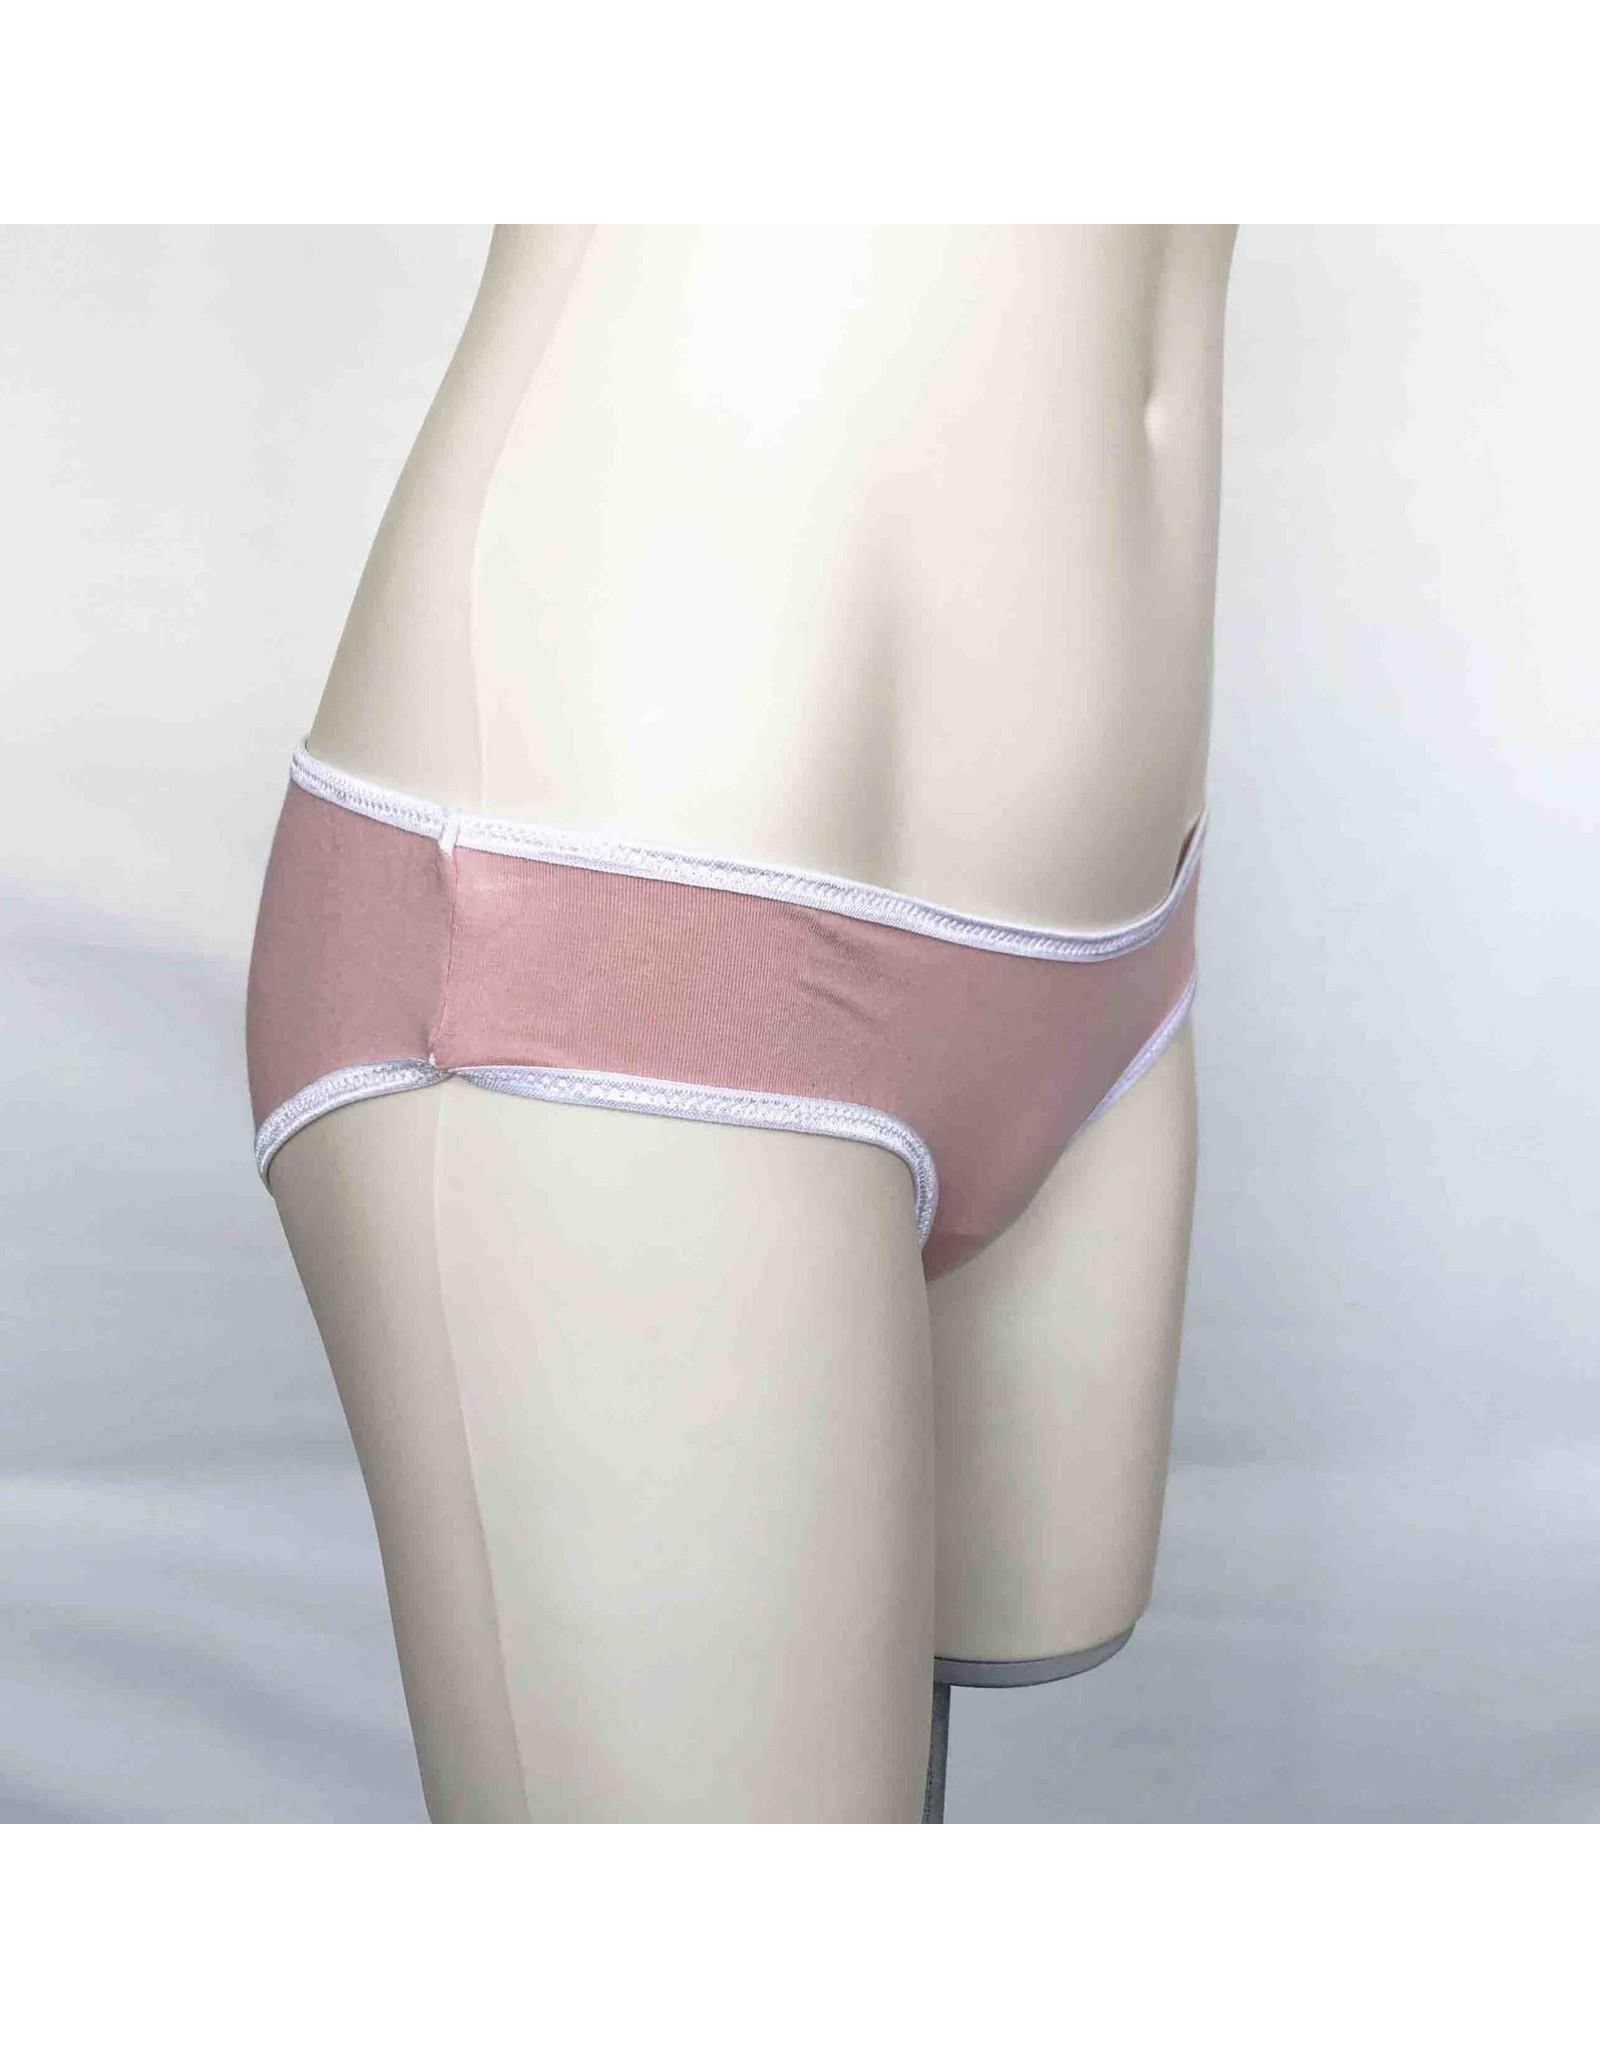 Devil May Wear Basic Bikini Cut Underwear. Bamboo Blend. Cotton Candy